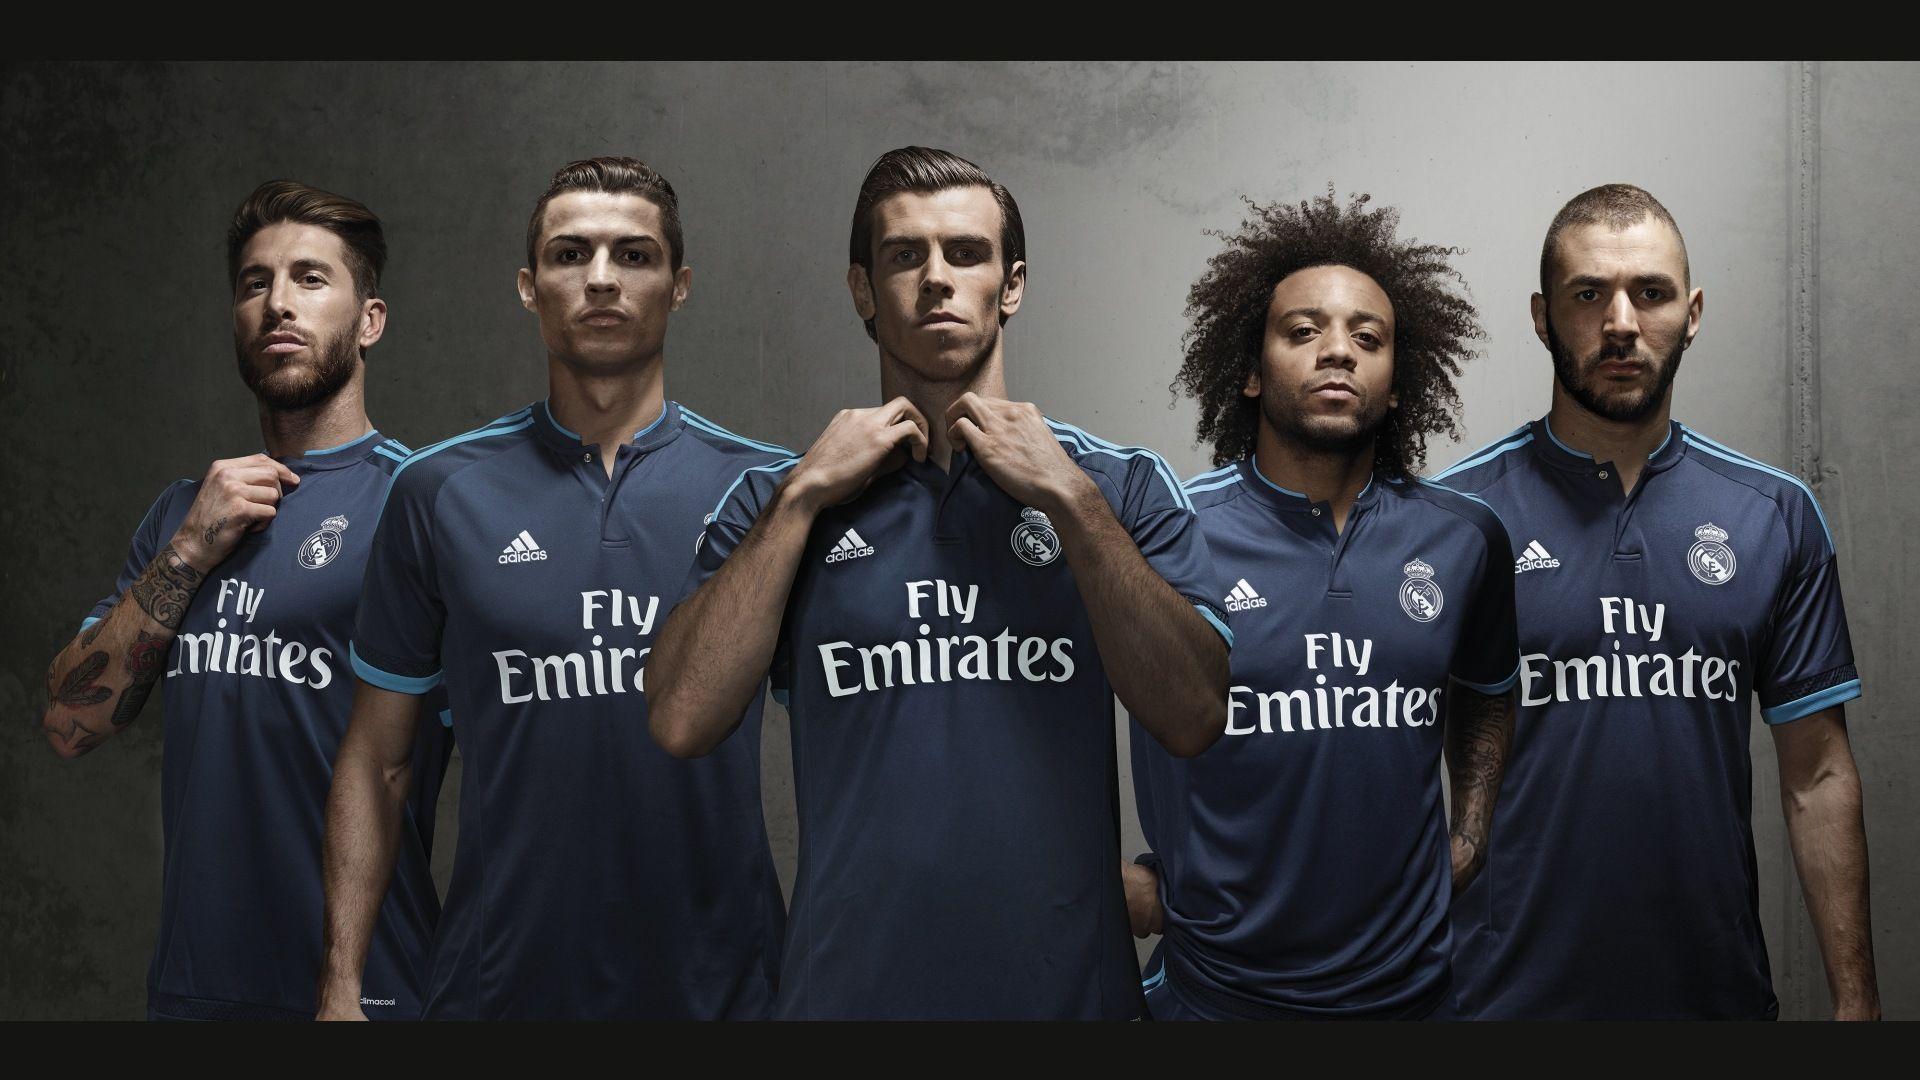 Full Hd P Real Madrid Wallpapers Hd Desktop Backgrounds 1024 768 Real Madrid Wallpaper Hd 45